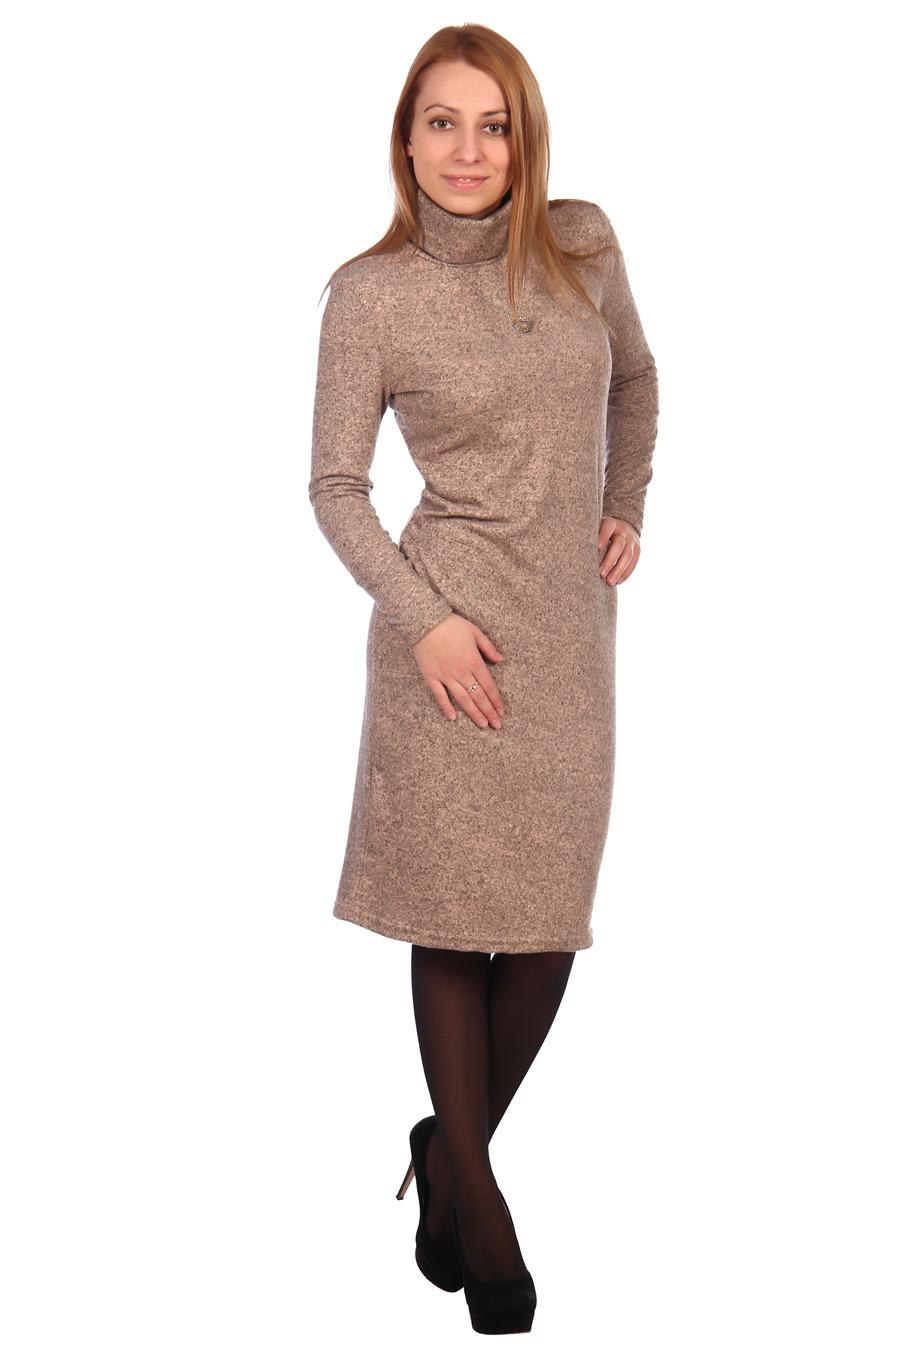 Жен. платье арт. 16-0448 персиковый р. 54